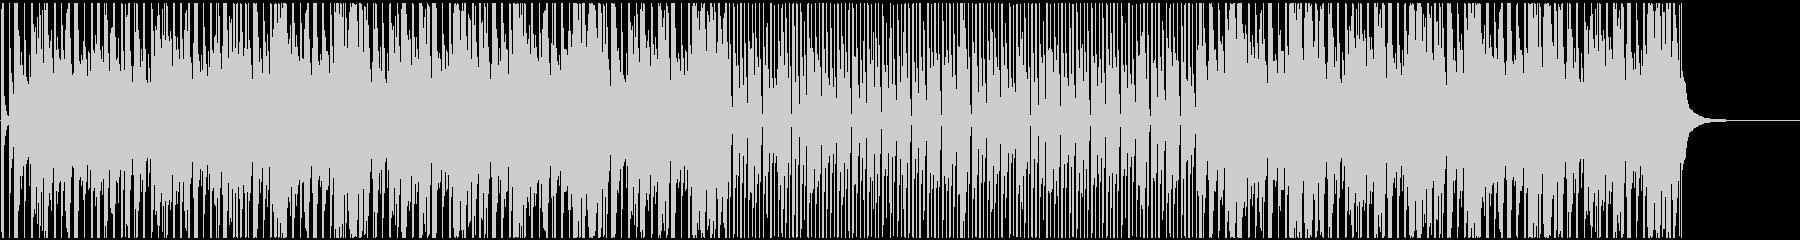 バンジョーが印象的な愉快で楽しいBGMの未再生の波形